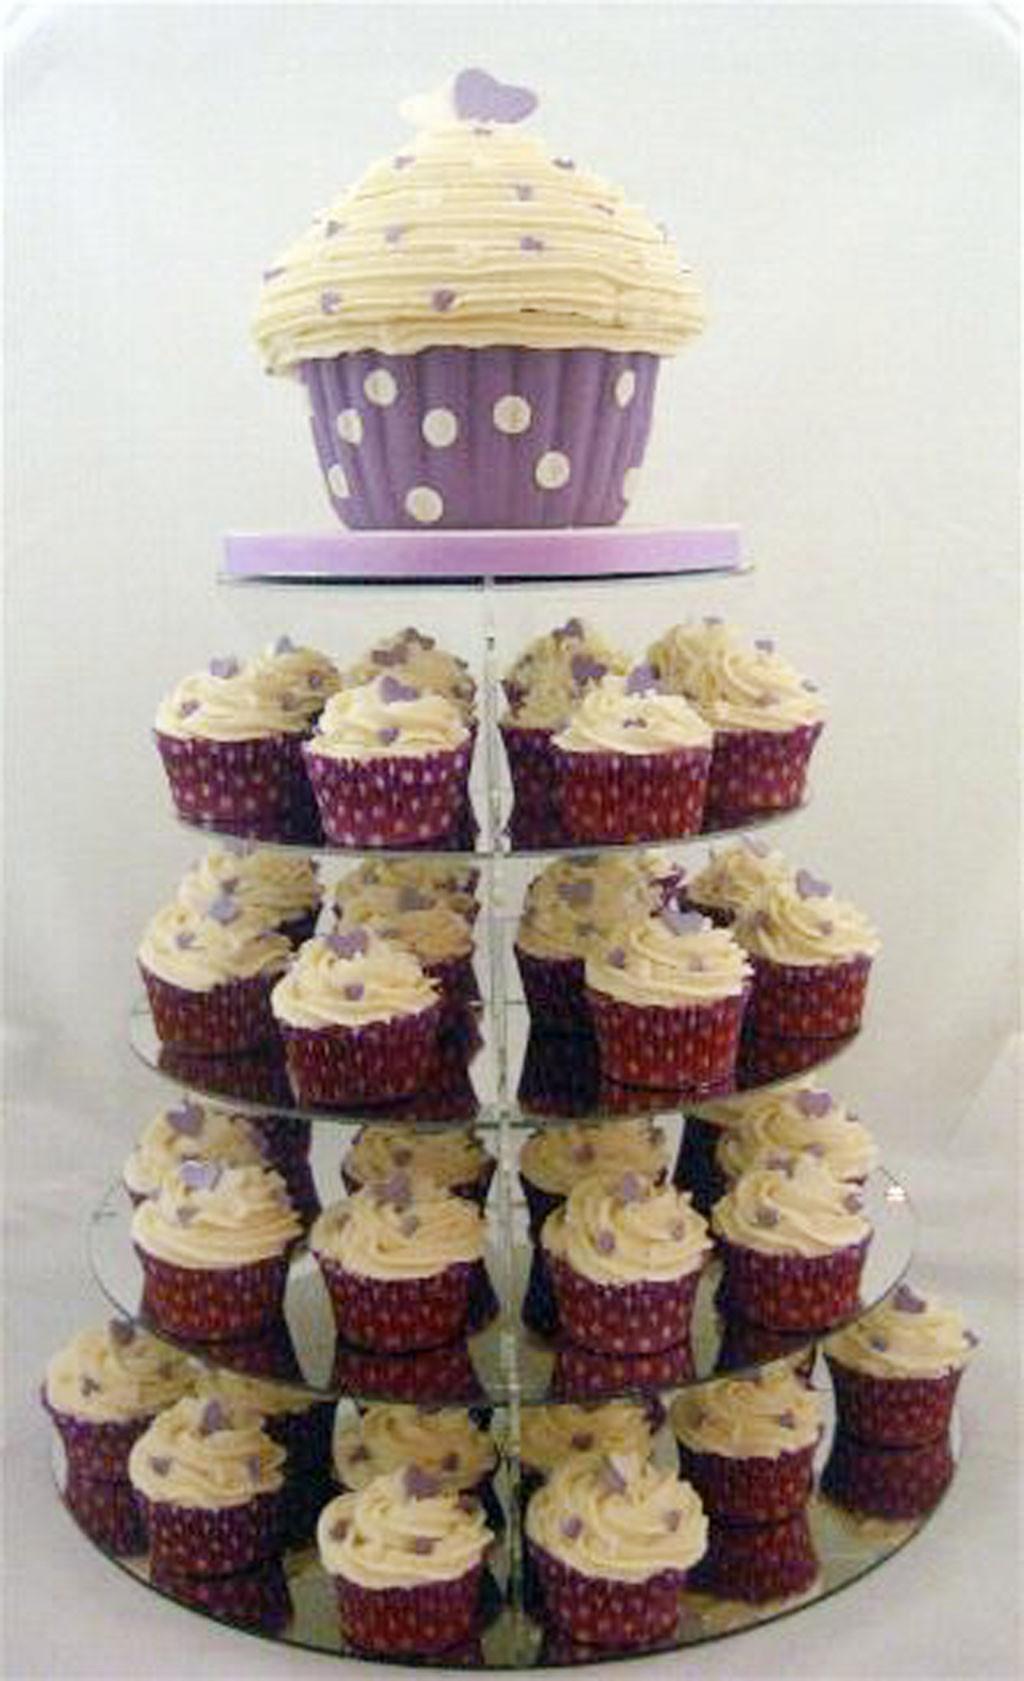 Wedding Cupcake Cakes Designs  Cupcake Wedding Cakes Design Wedding Cake Cake Ideas by